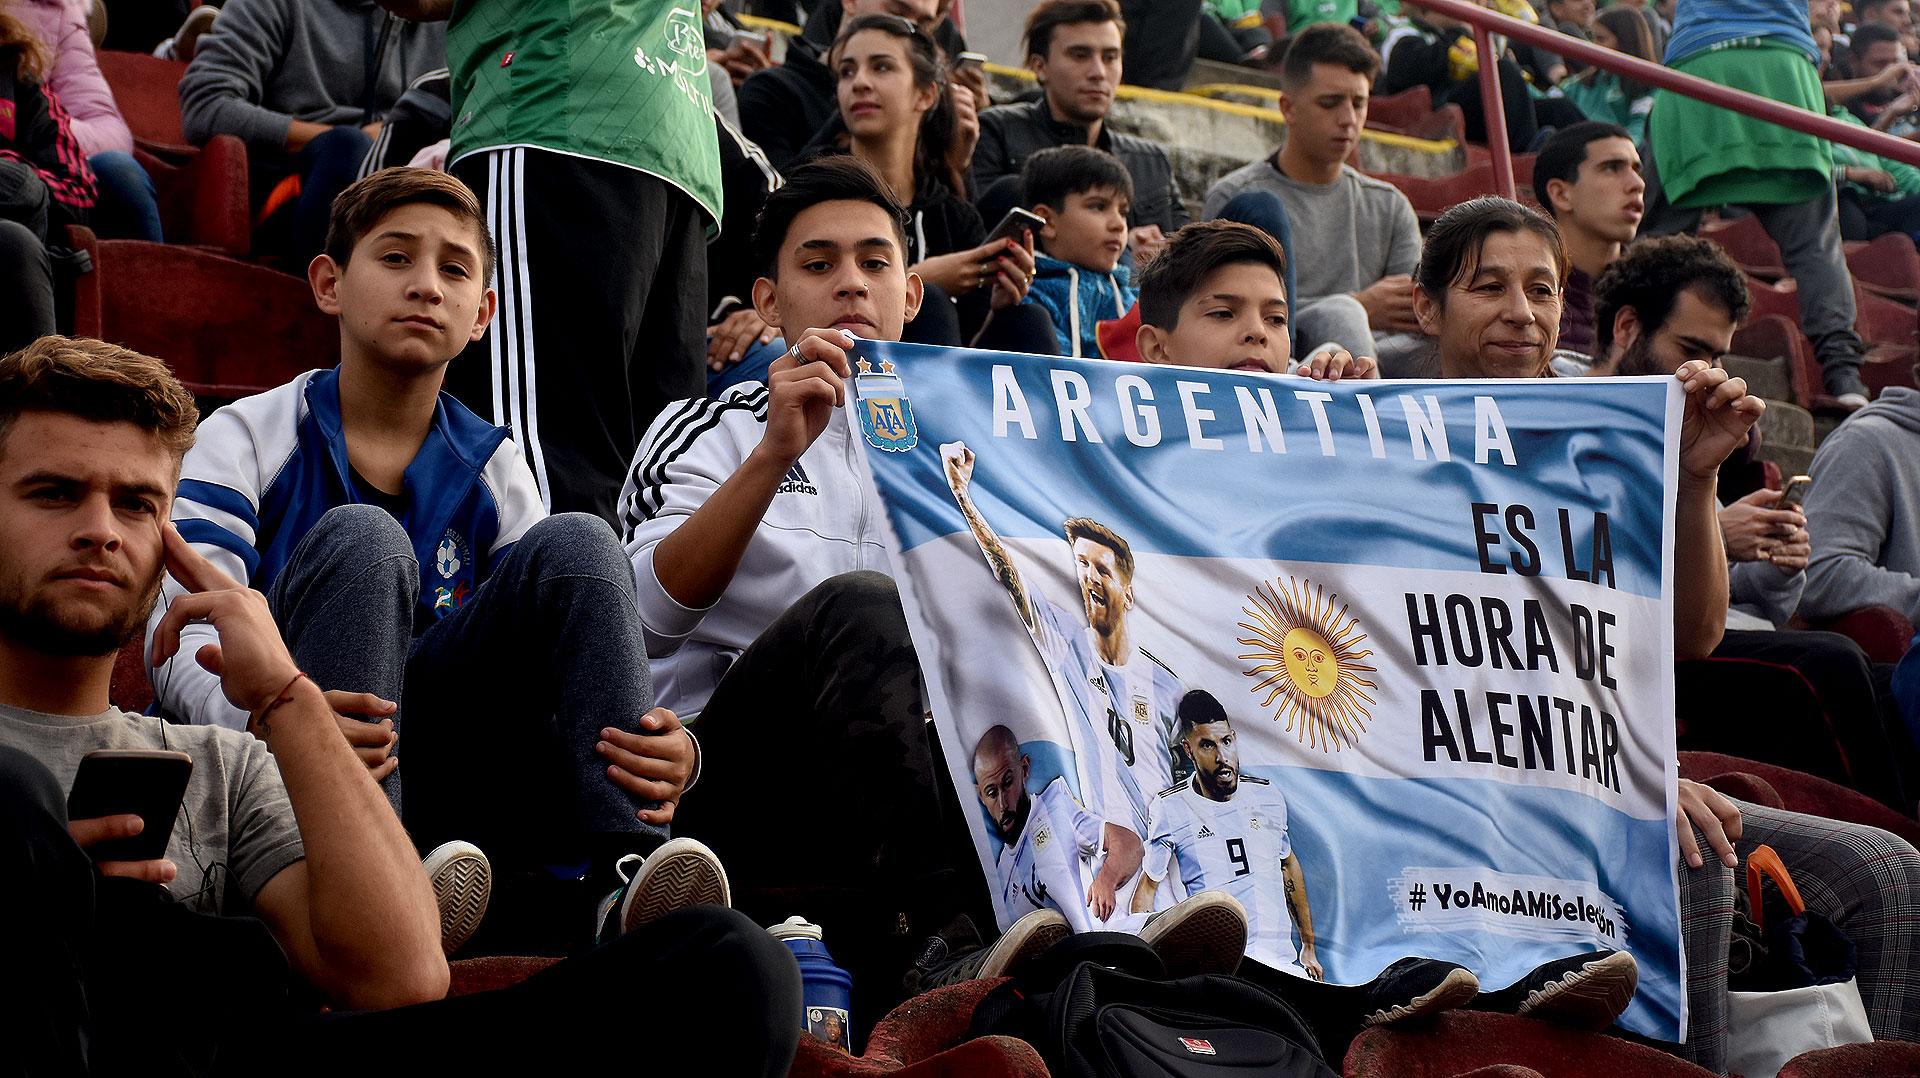 """El mensaje del cartel es el mismo que estaba colgado en una bandera sobre la cabecera de la tribuna visitante: """"Es la hora de alentar"""""""